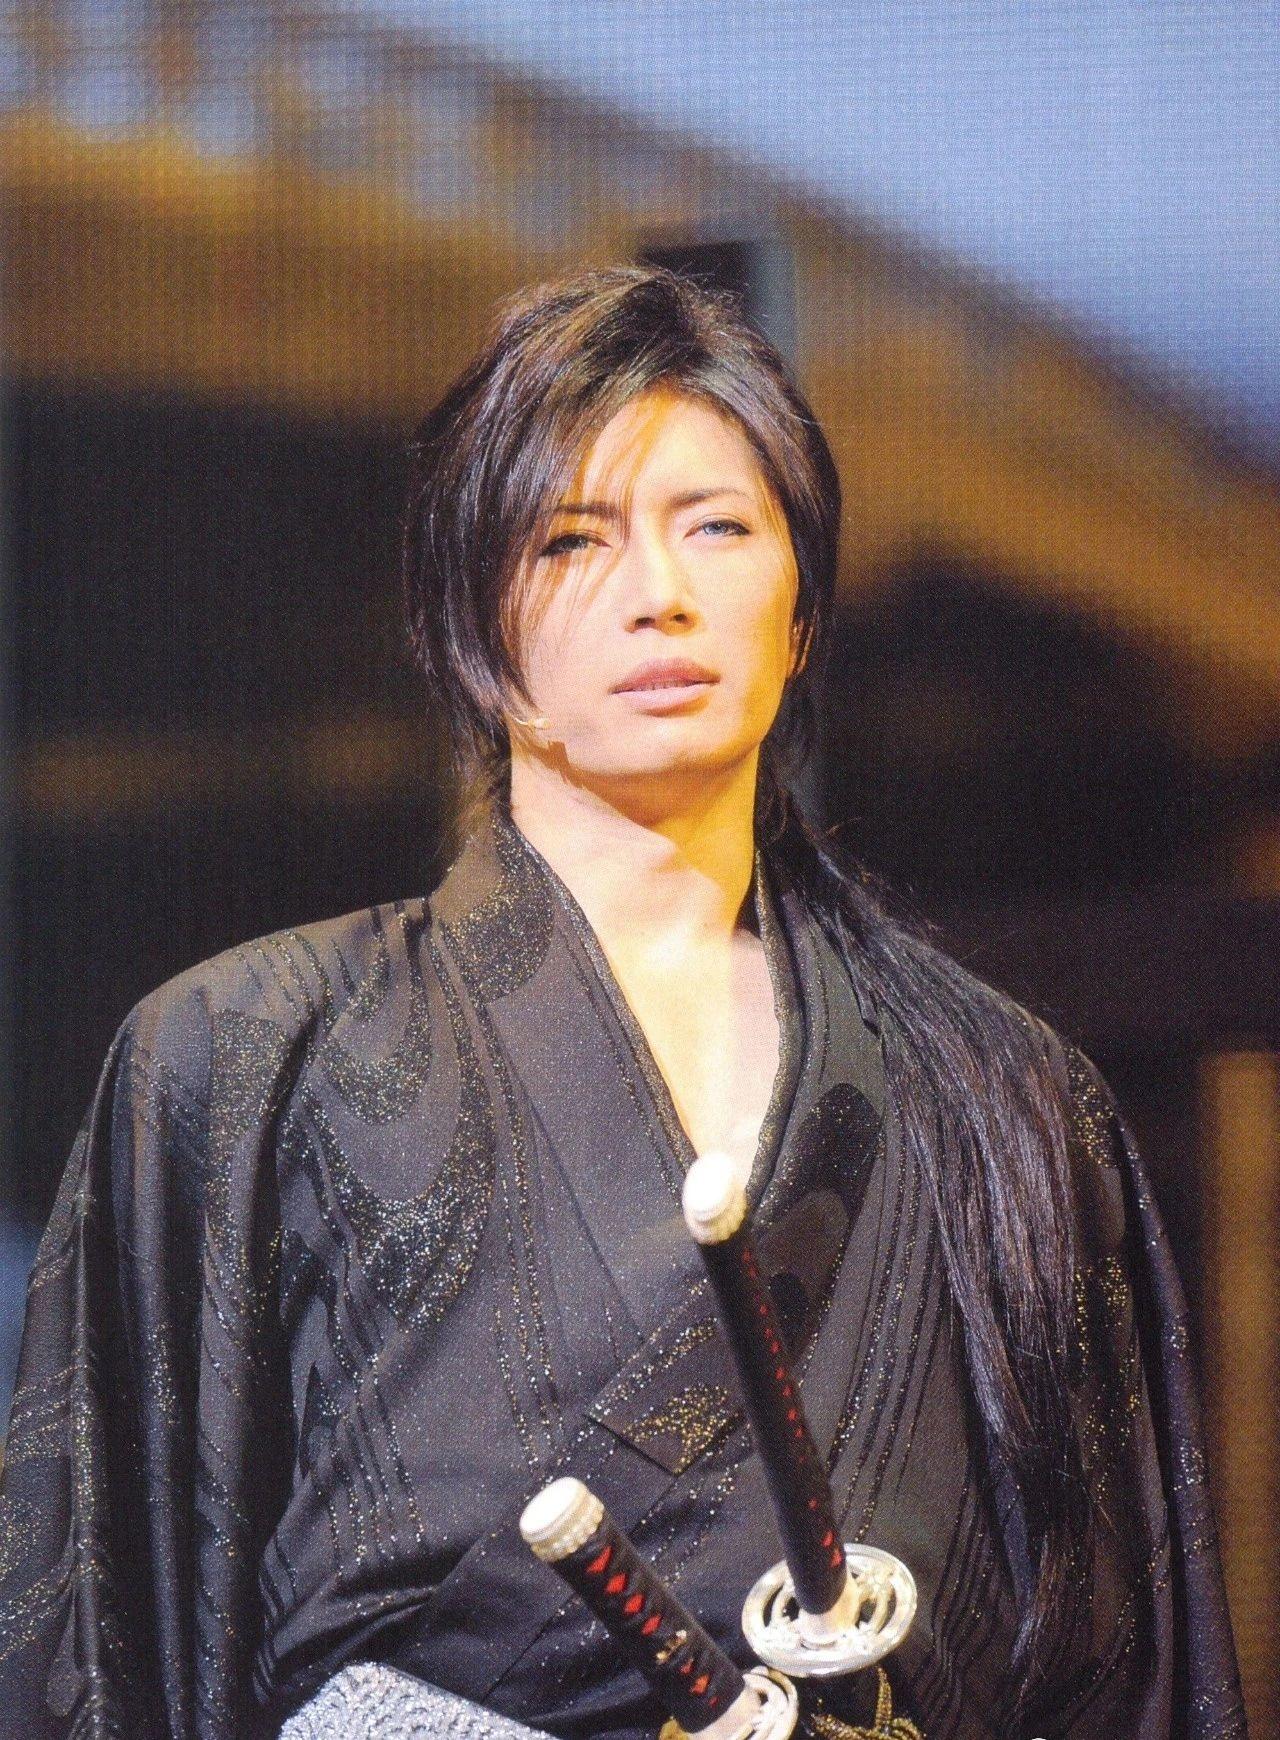 日本知名歌手GACKT因为身体状况导致无法正常发声而宣布退出 (3)